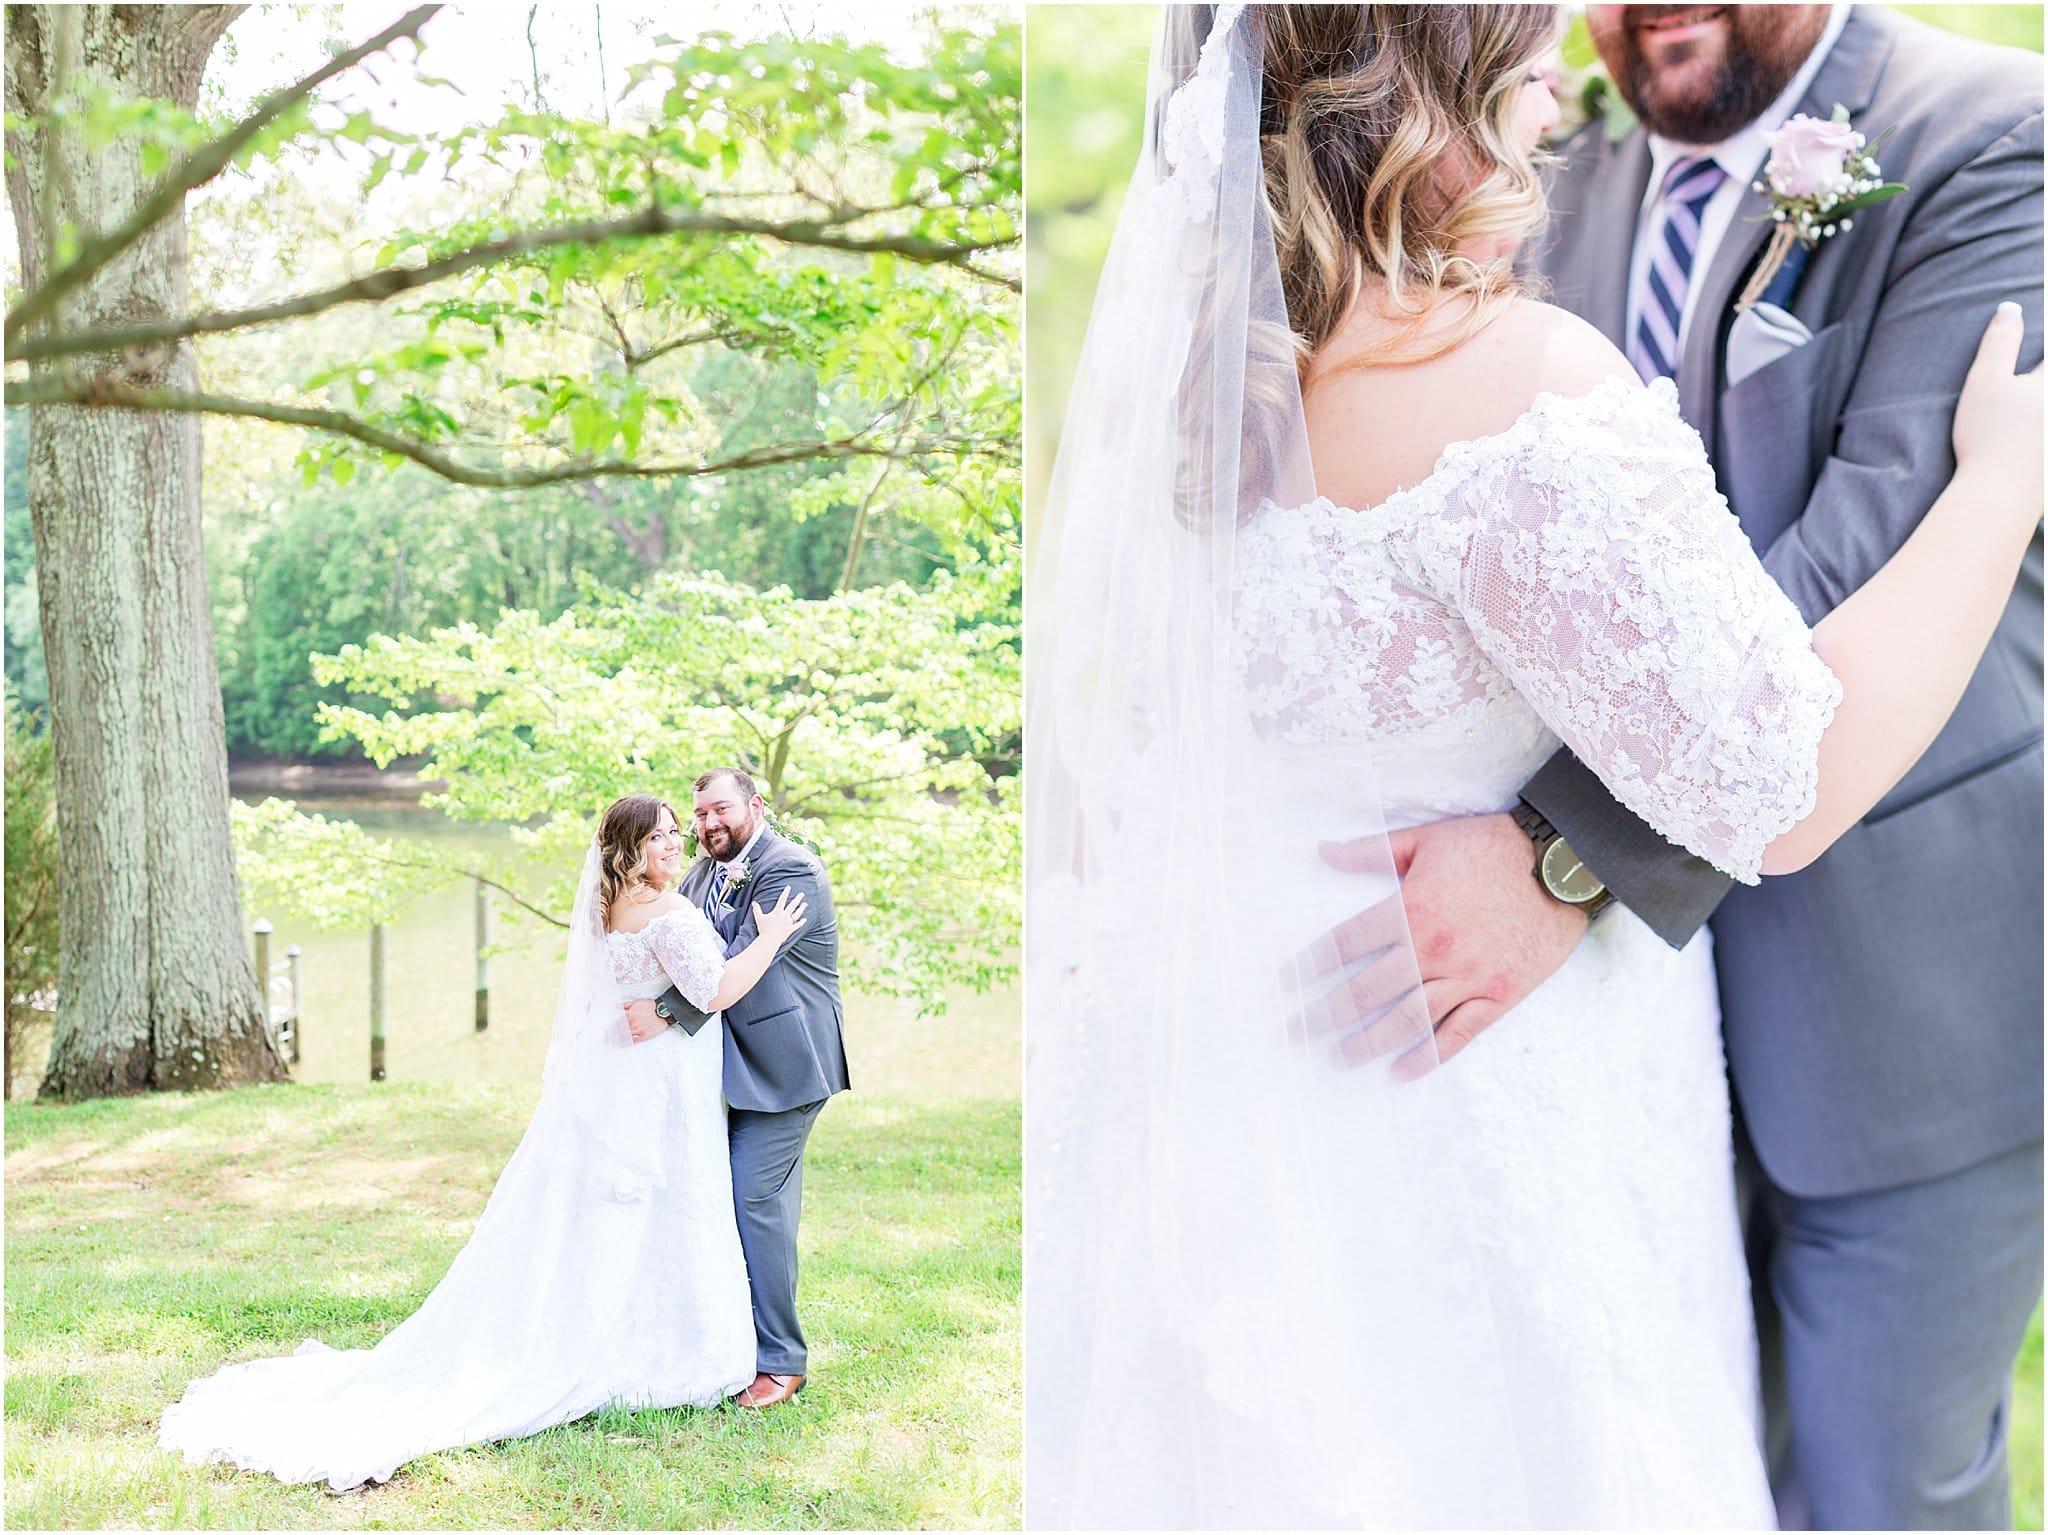 cole-wye-island-wedding-cassidymrphotography_0059